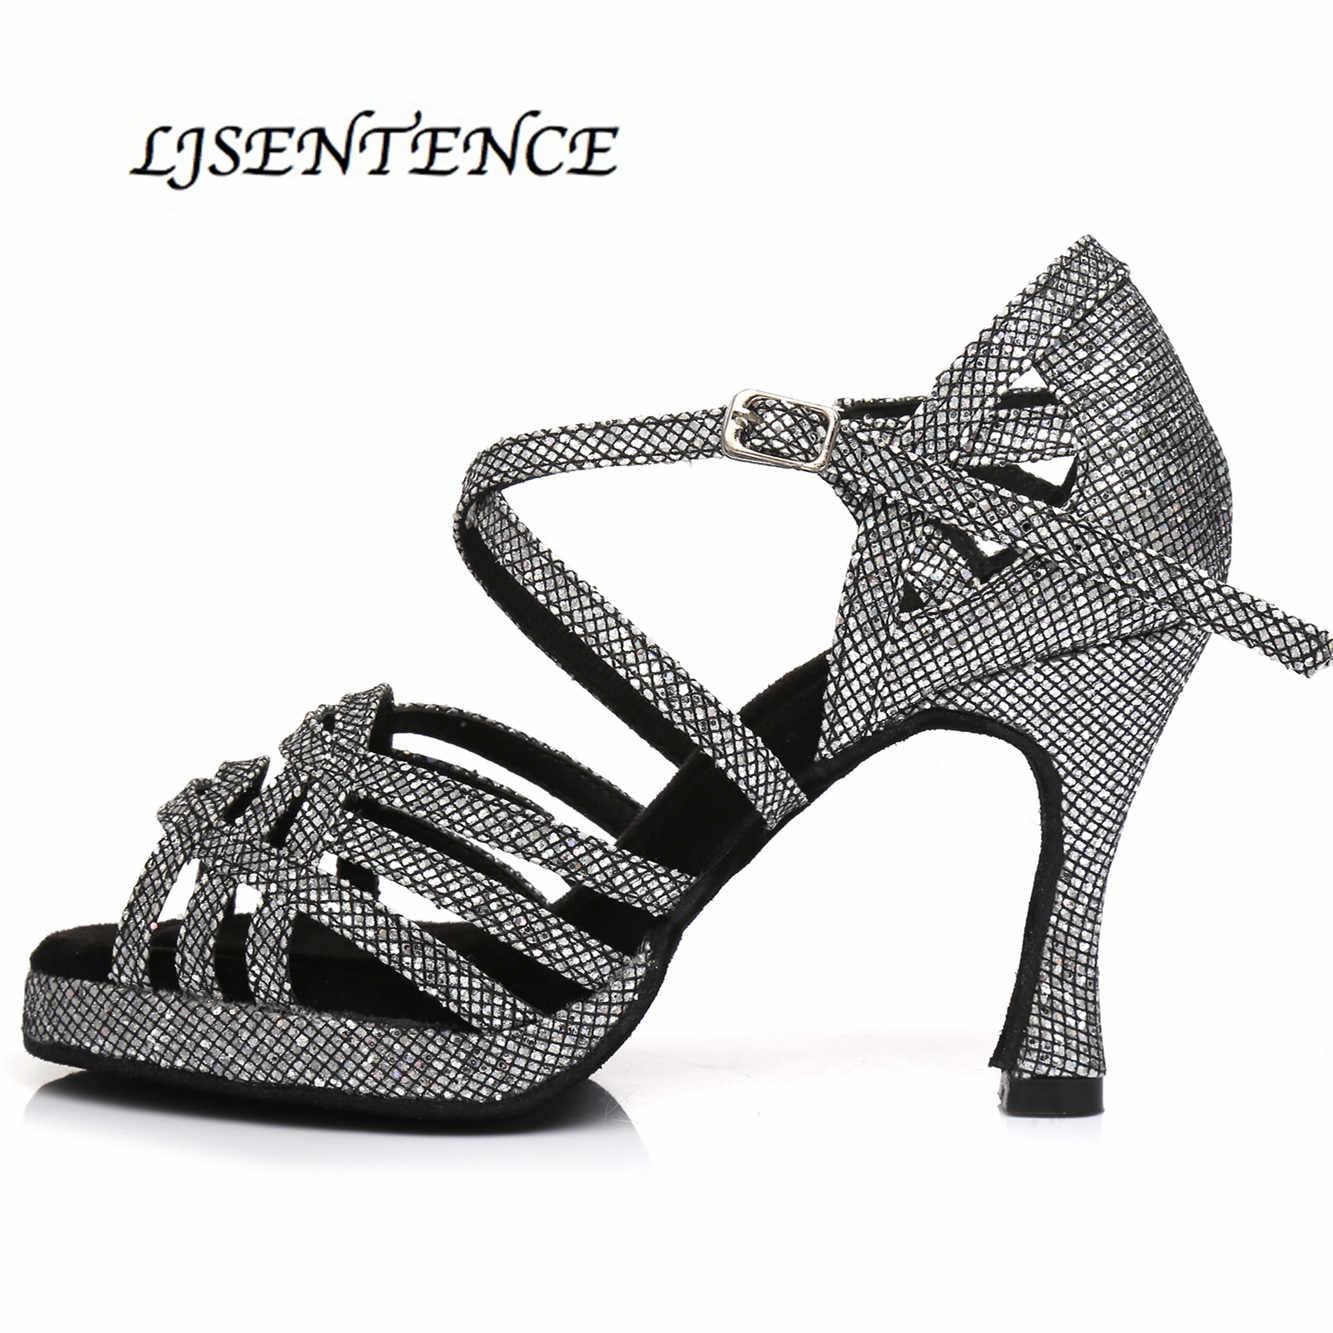 Latin Dance Schuhe mit Plattform Jazz Schuhe Ballsaal Tanzen Mädchen Strass High Heels Glitter Bachata Salsa Tanzen Schuhe